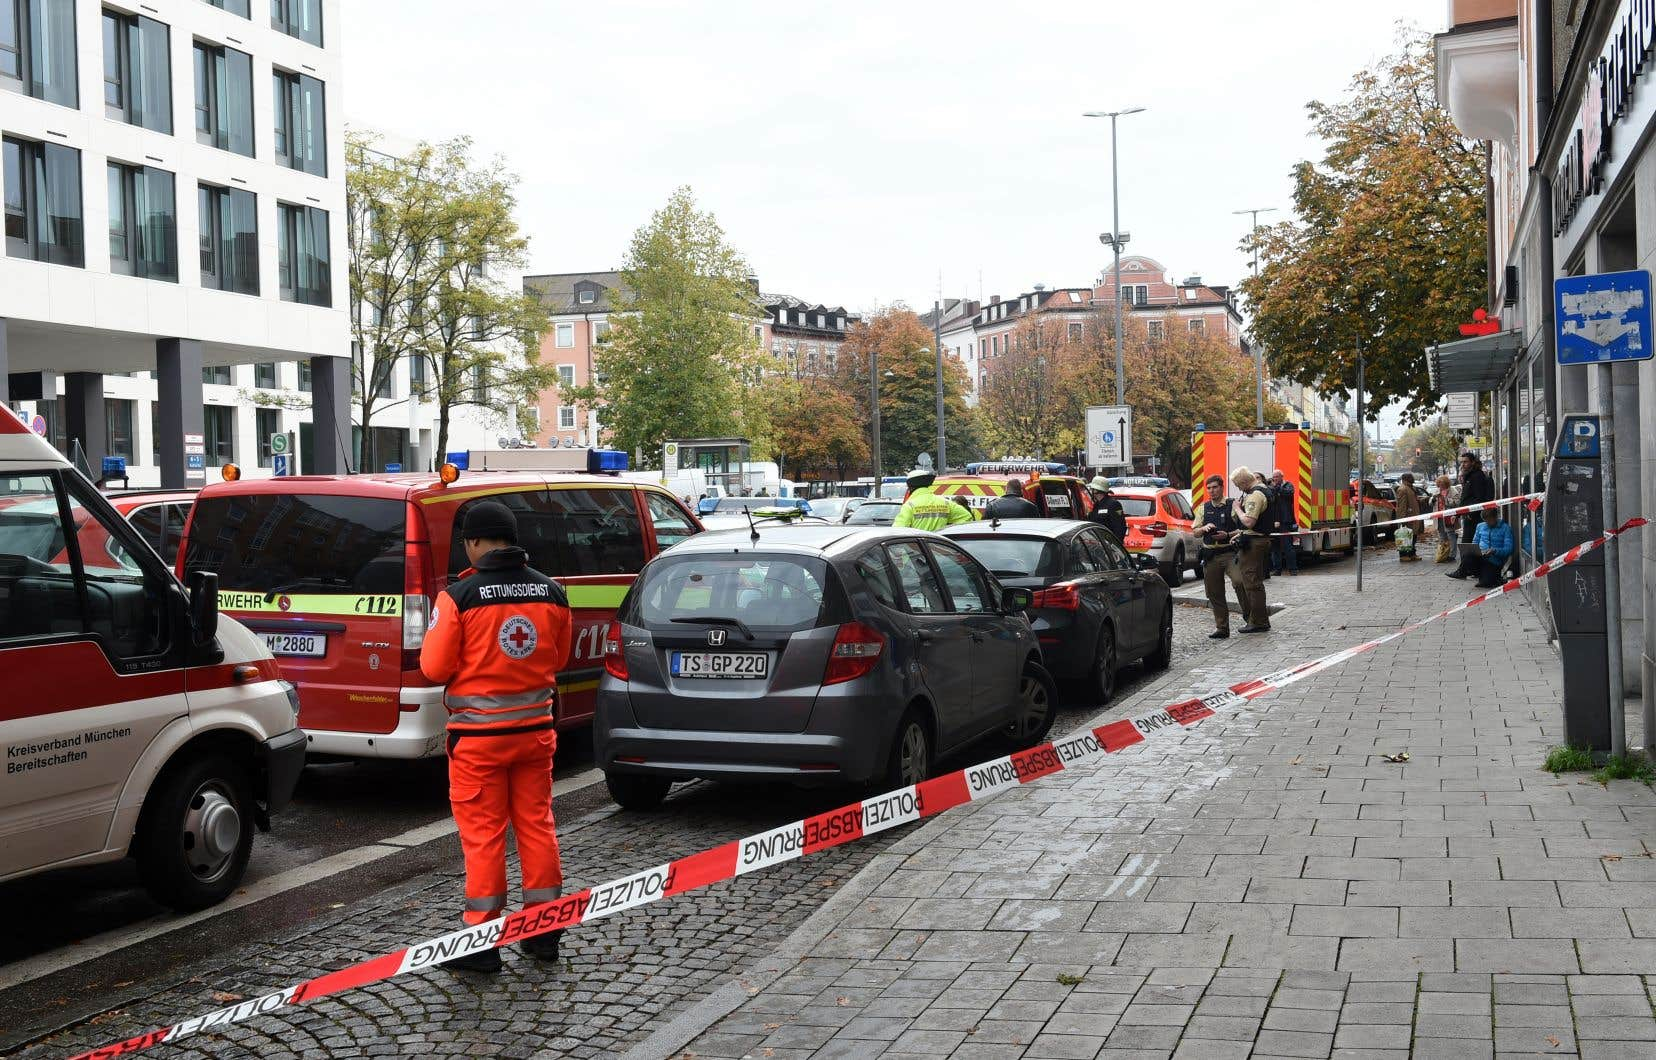 Les agressions ont eu lieu dans les environs de la Rosenheimer Platz, à l'est du centre-ville.